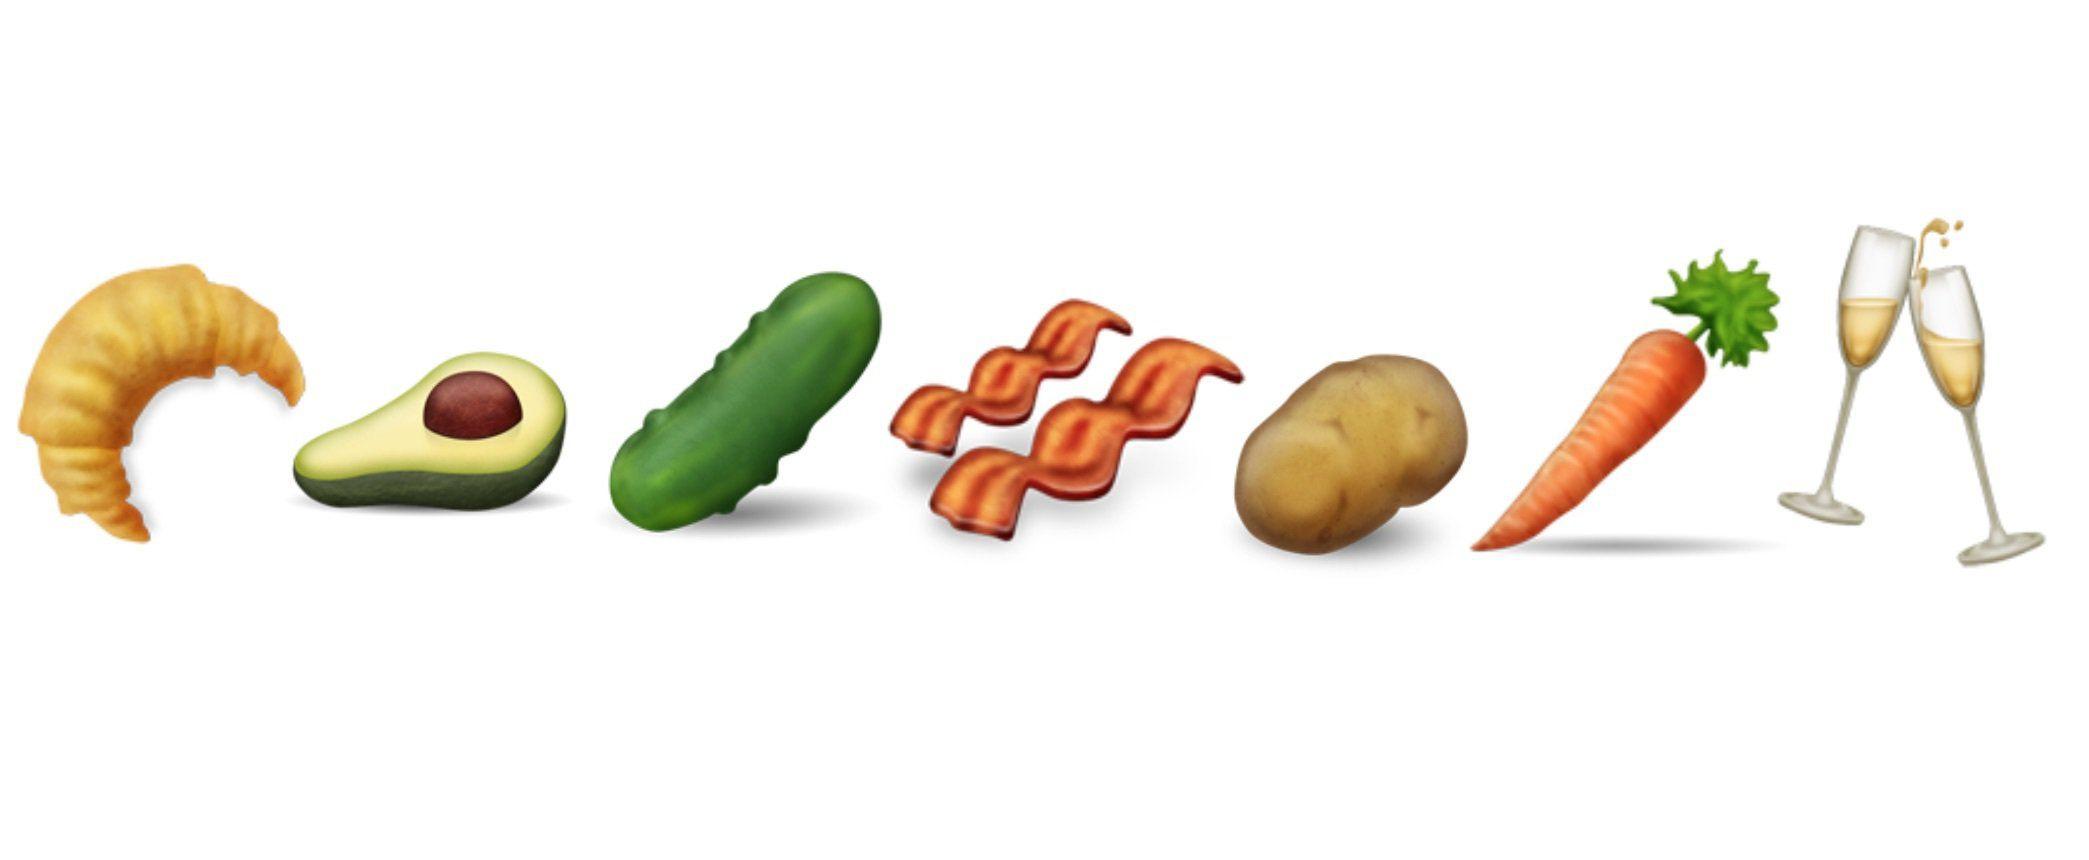 6 - emojis 2016